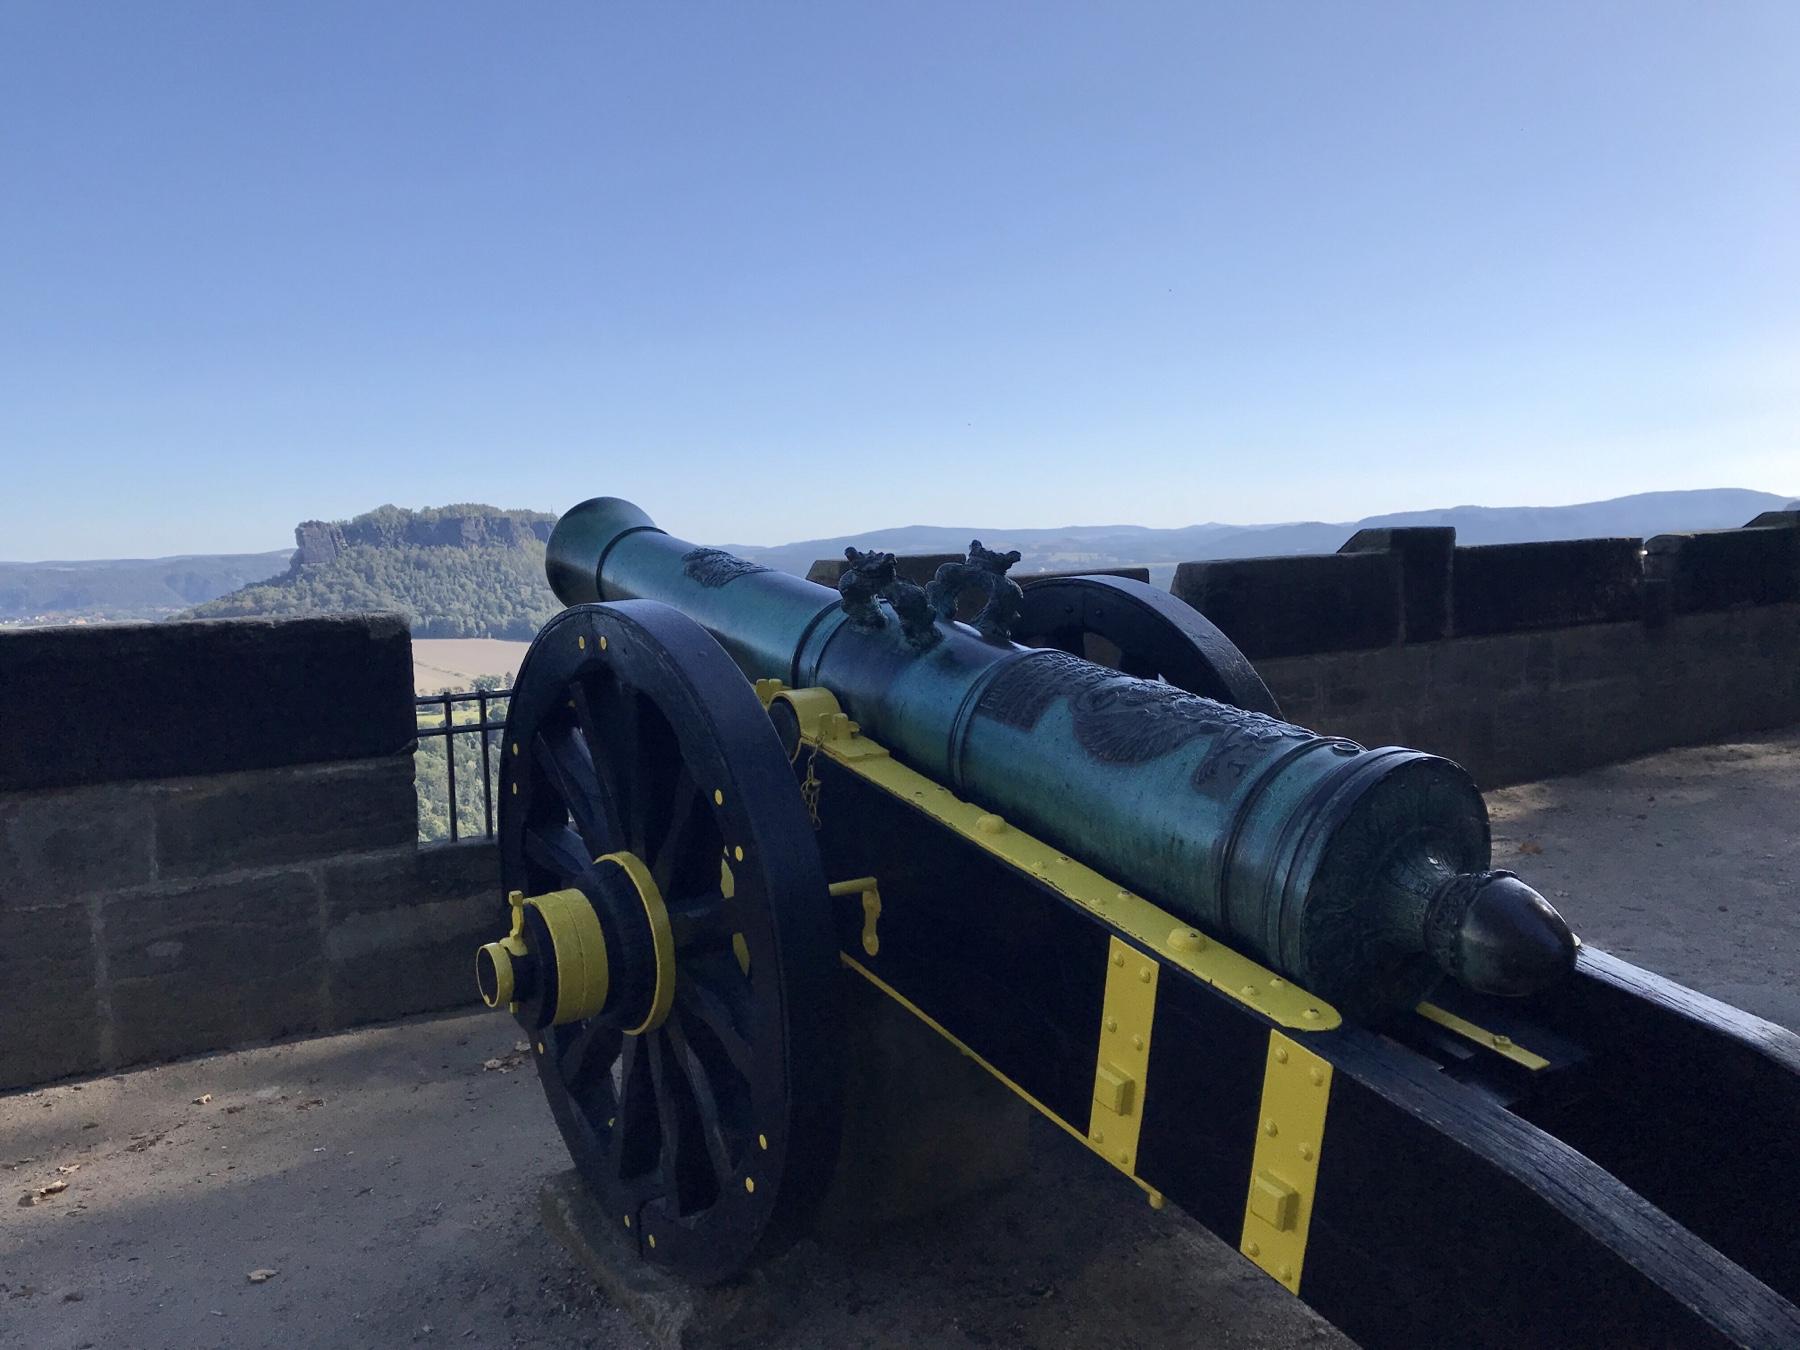 Festung Königstein, Kanonen